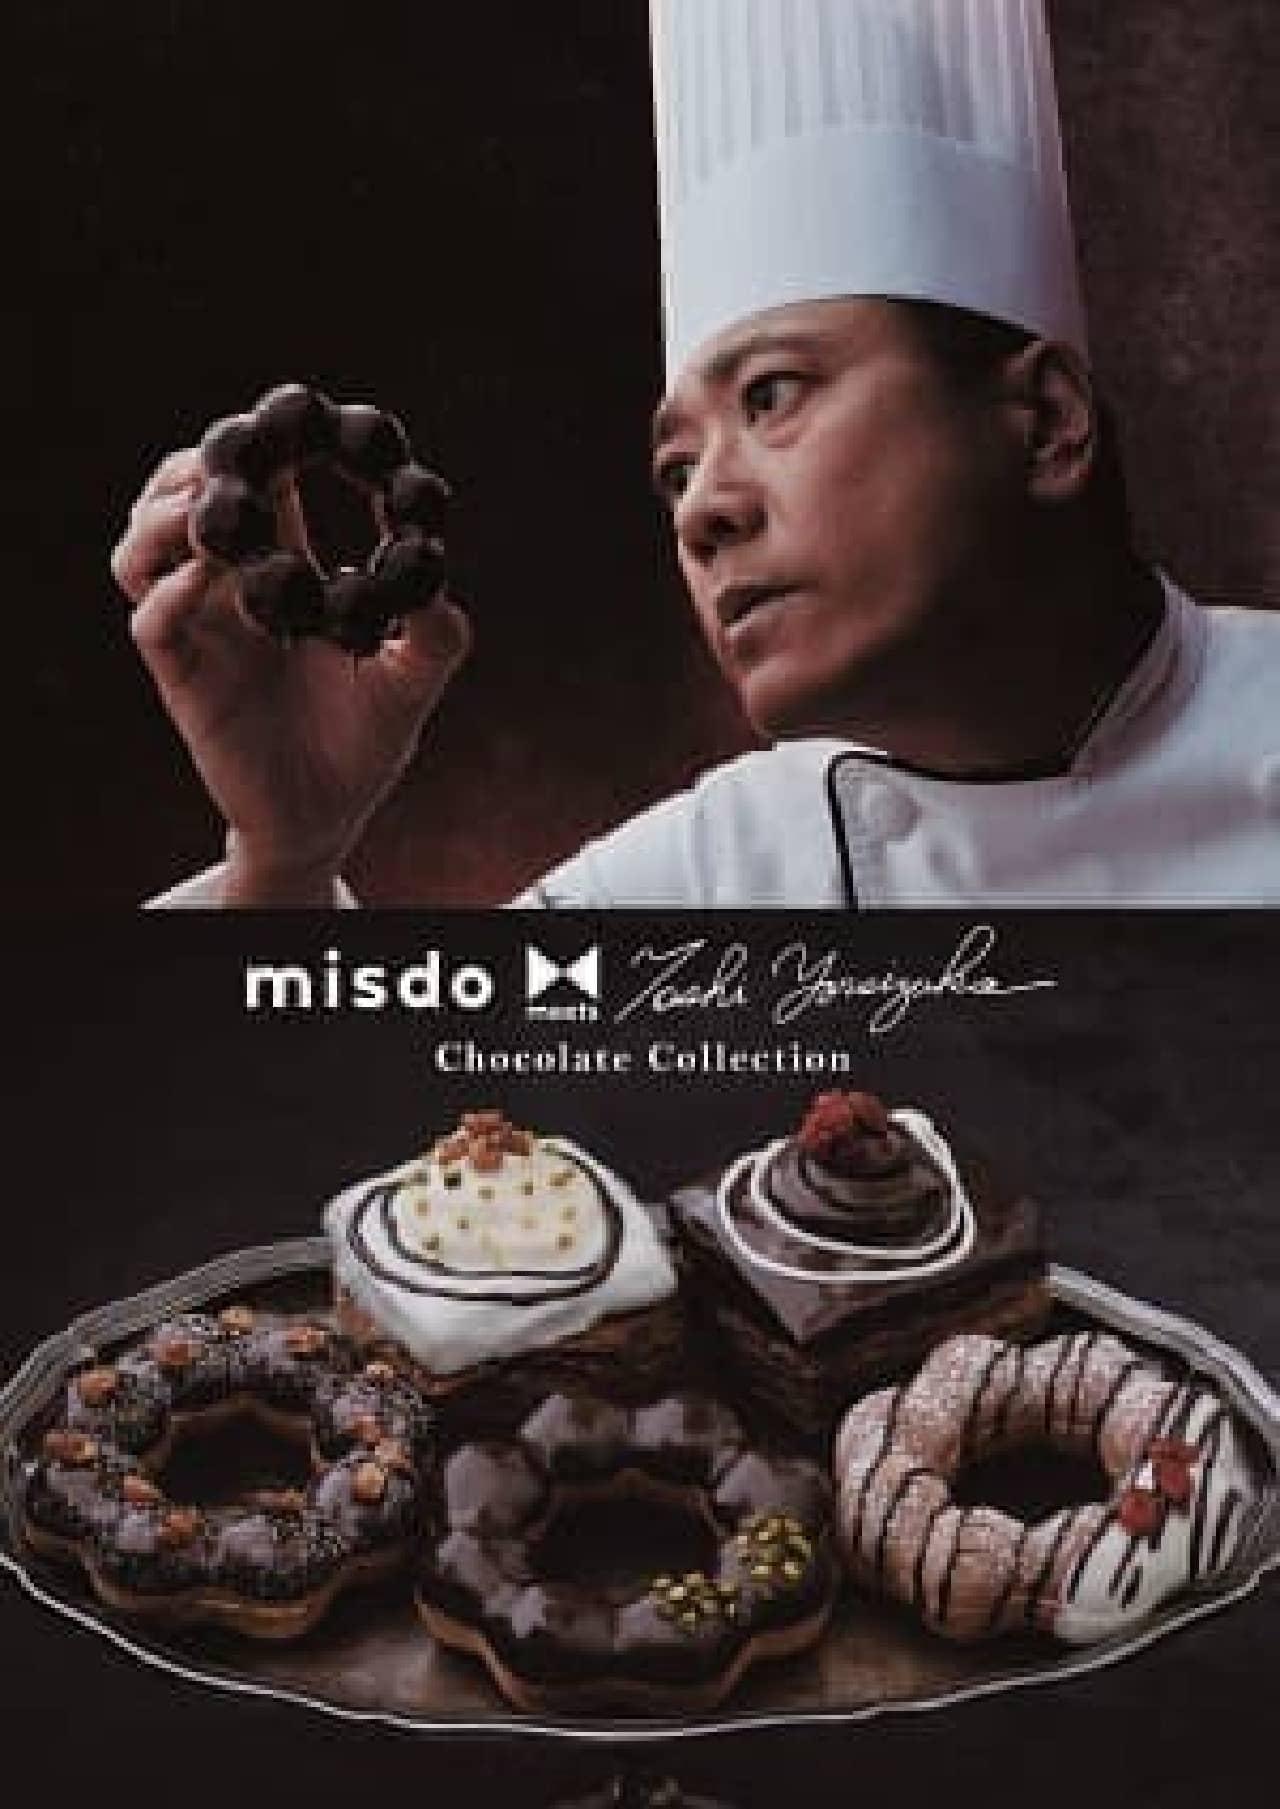 ミスタードーナツ×鎧塚俊彦シェフの「ショコラコレクション」